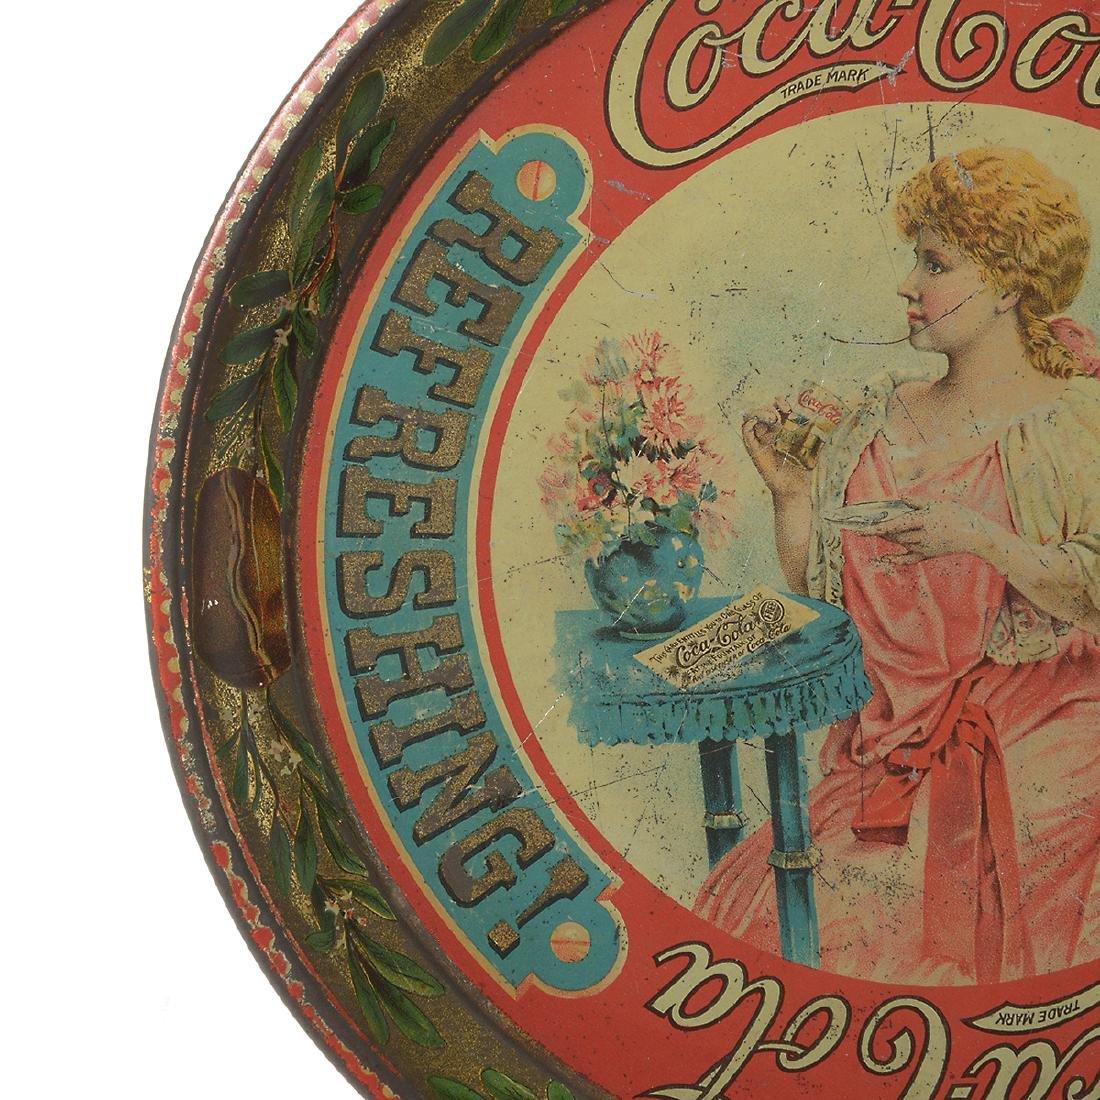 The Original 1897 Coca Cola Tray - 4